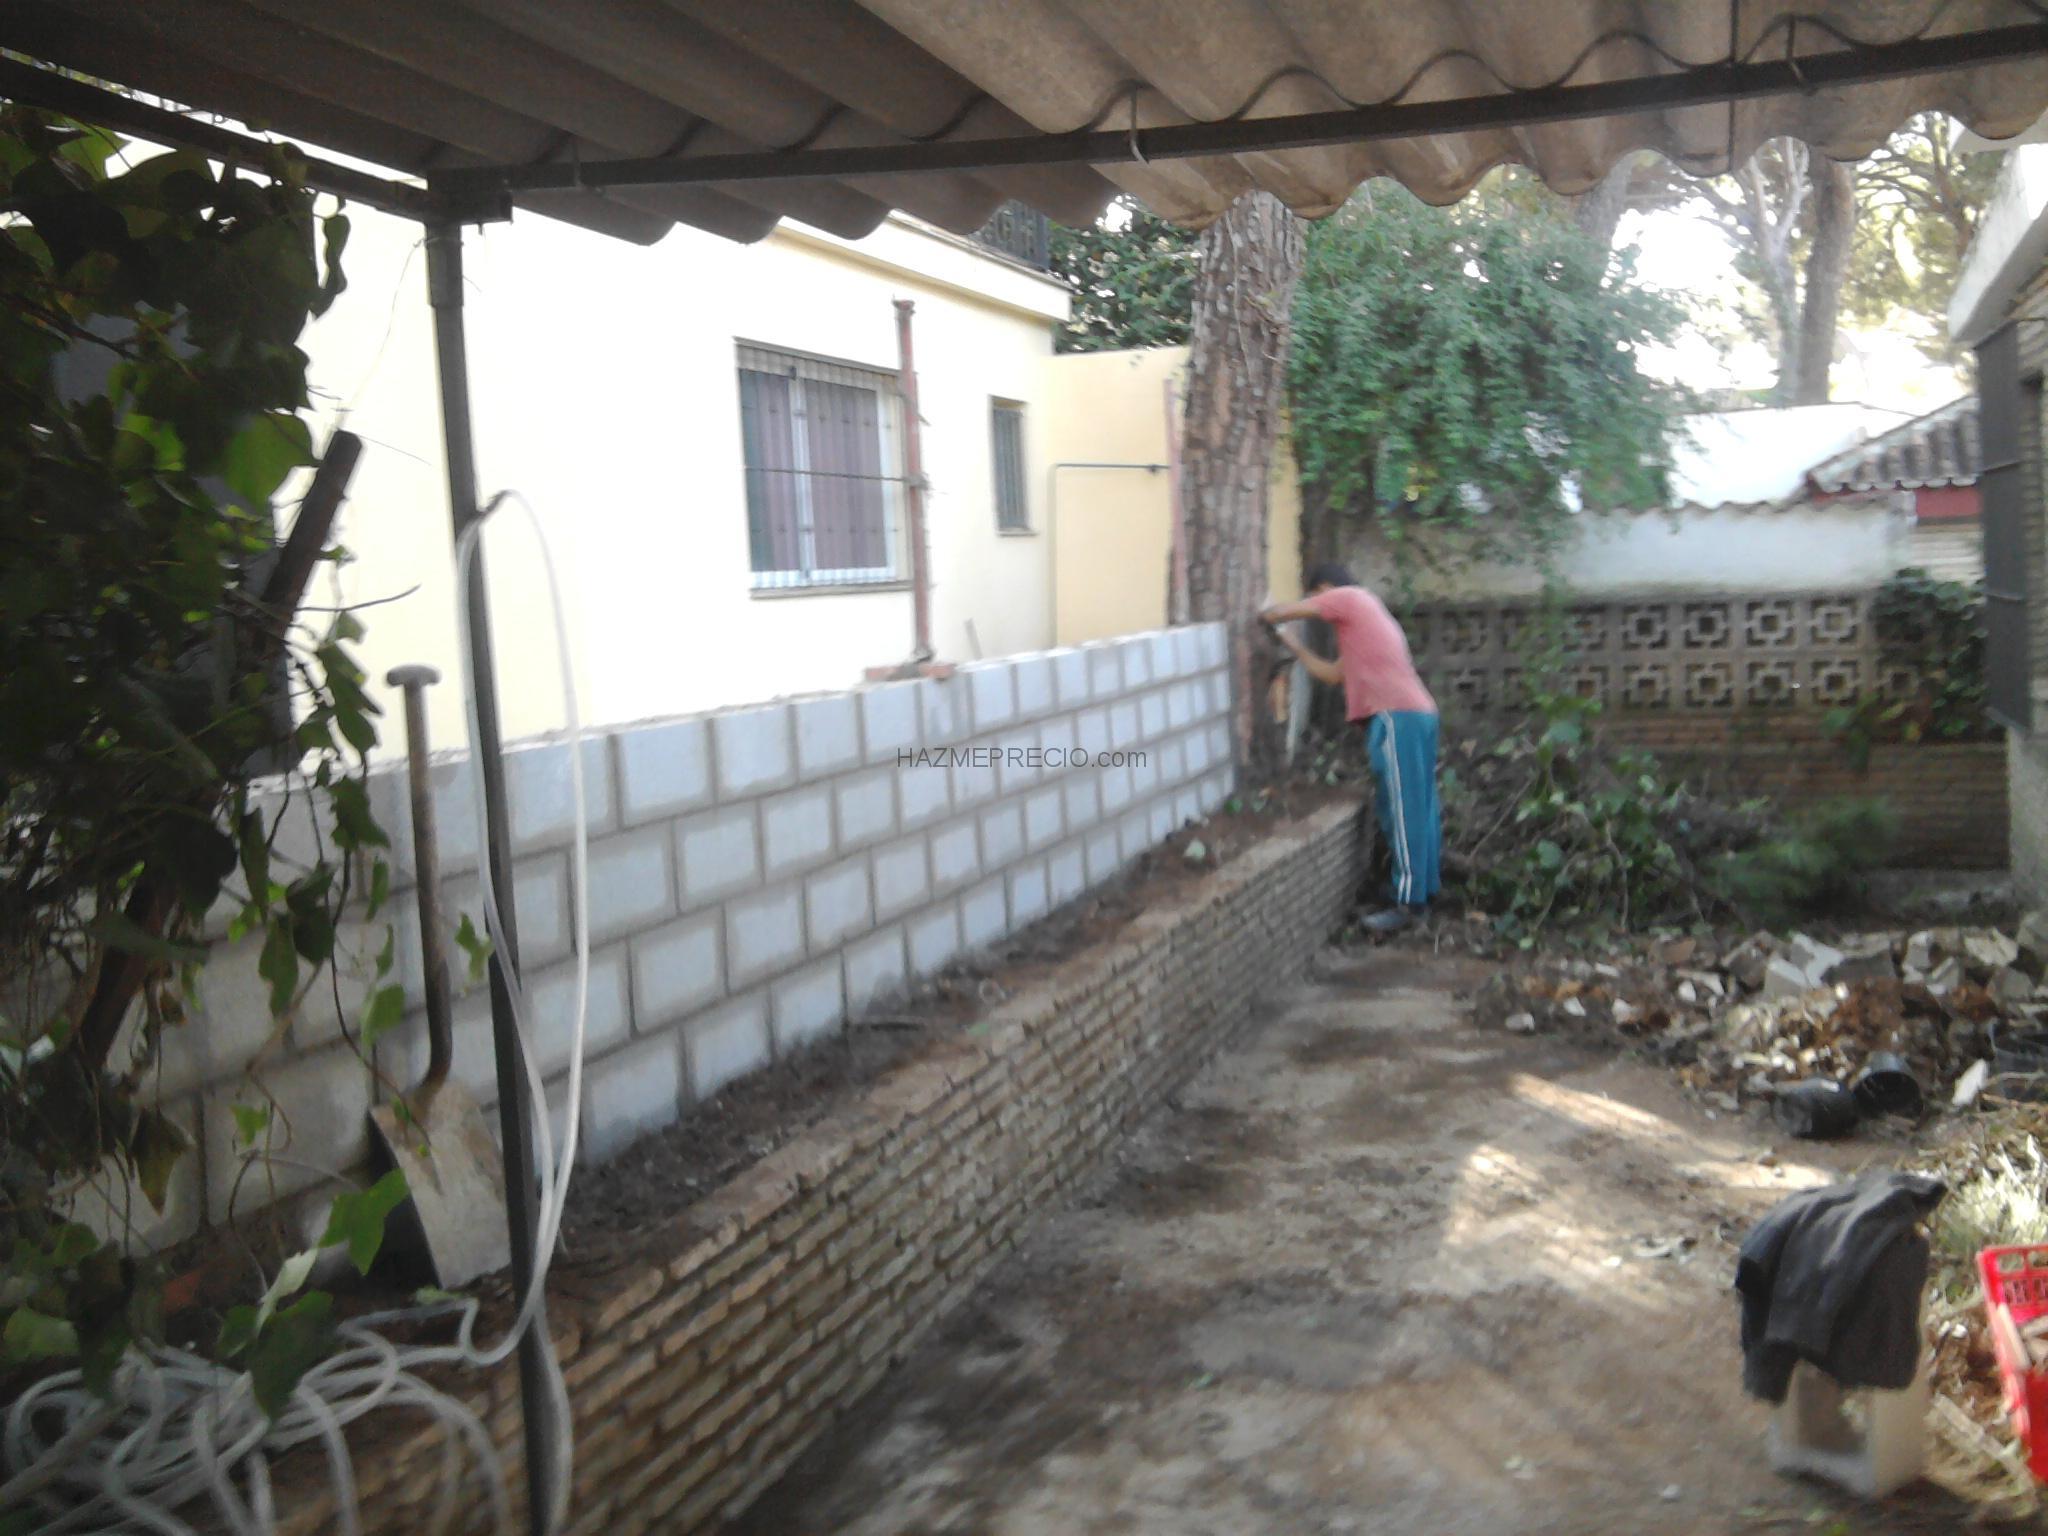 Varios trabajos realizados cerramientos de muro taviqueria - Muro de bloques ...